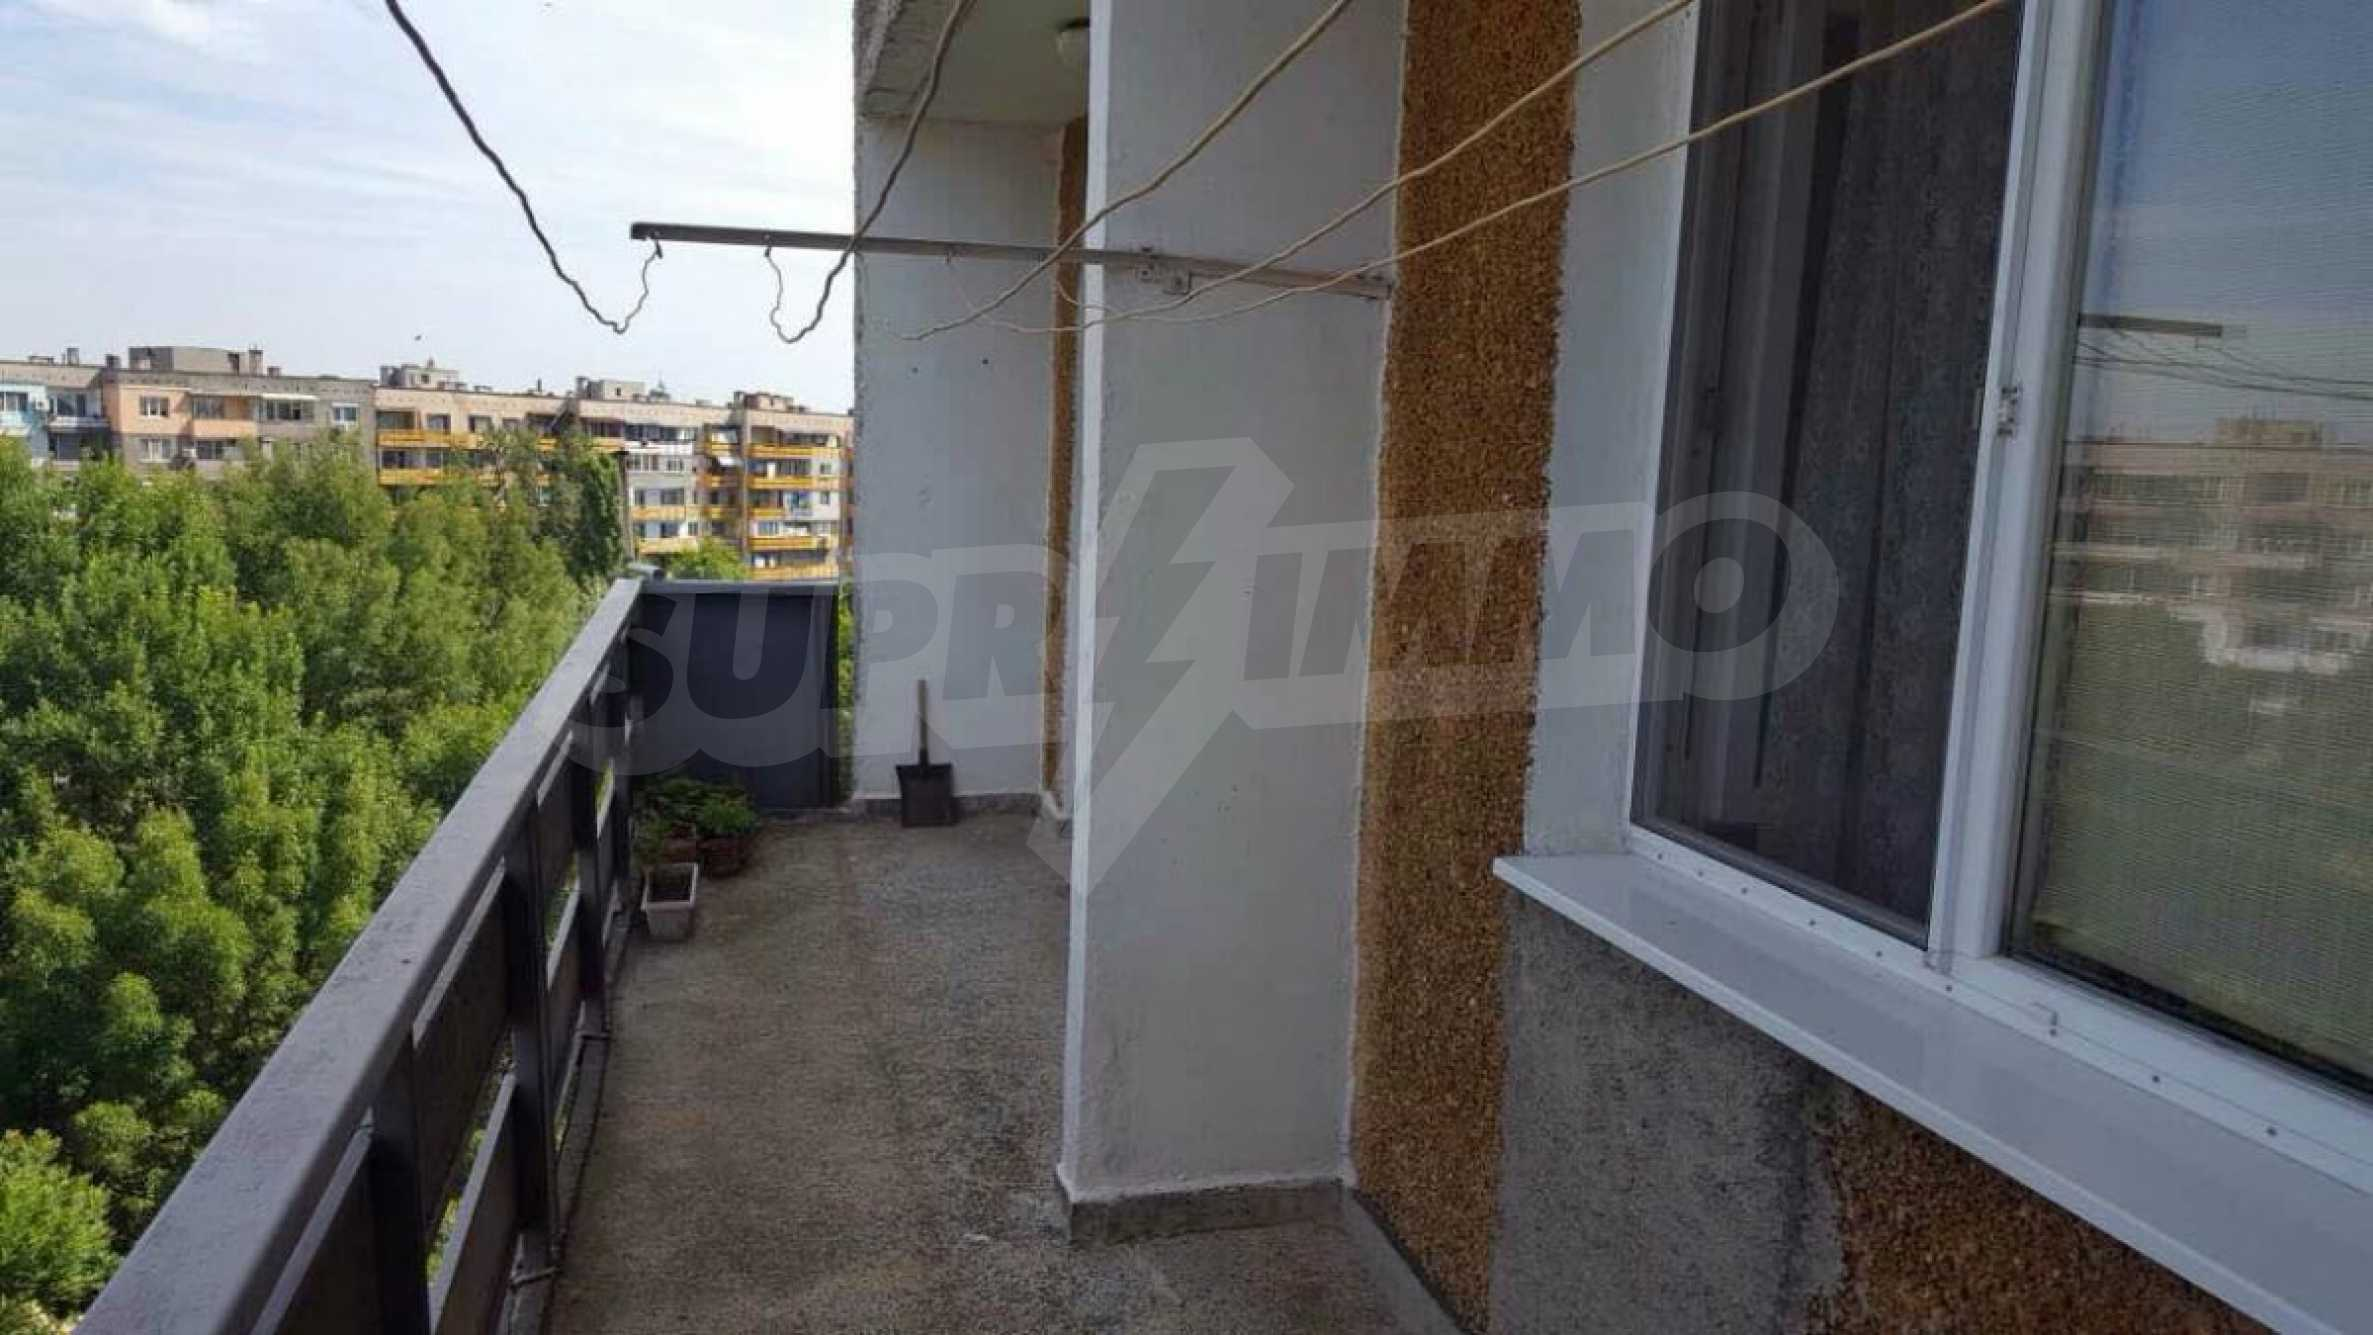 Двустаен апартамент с разширение в близост до центъра на град Видин 15